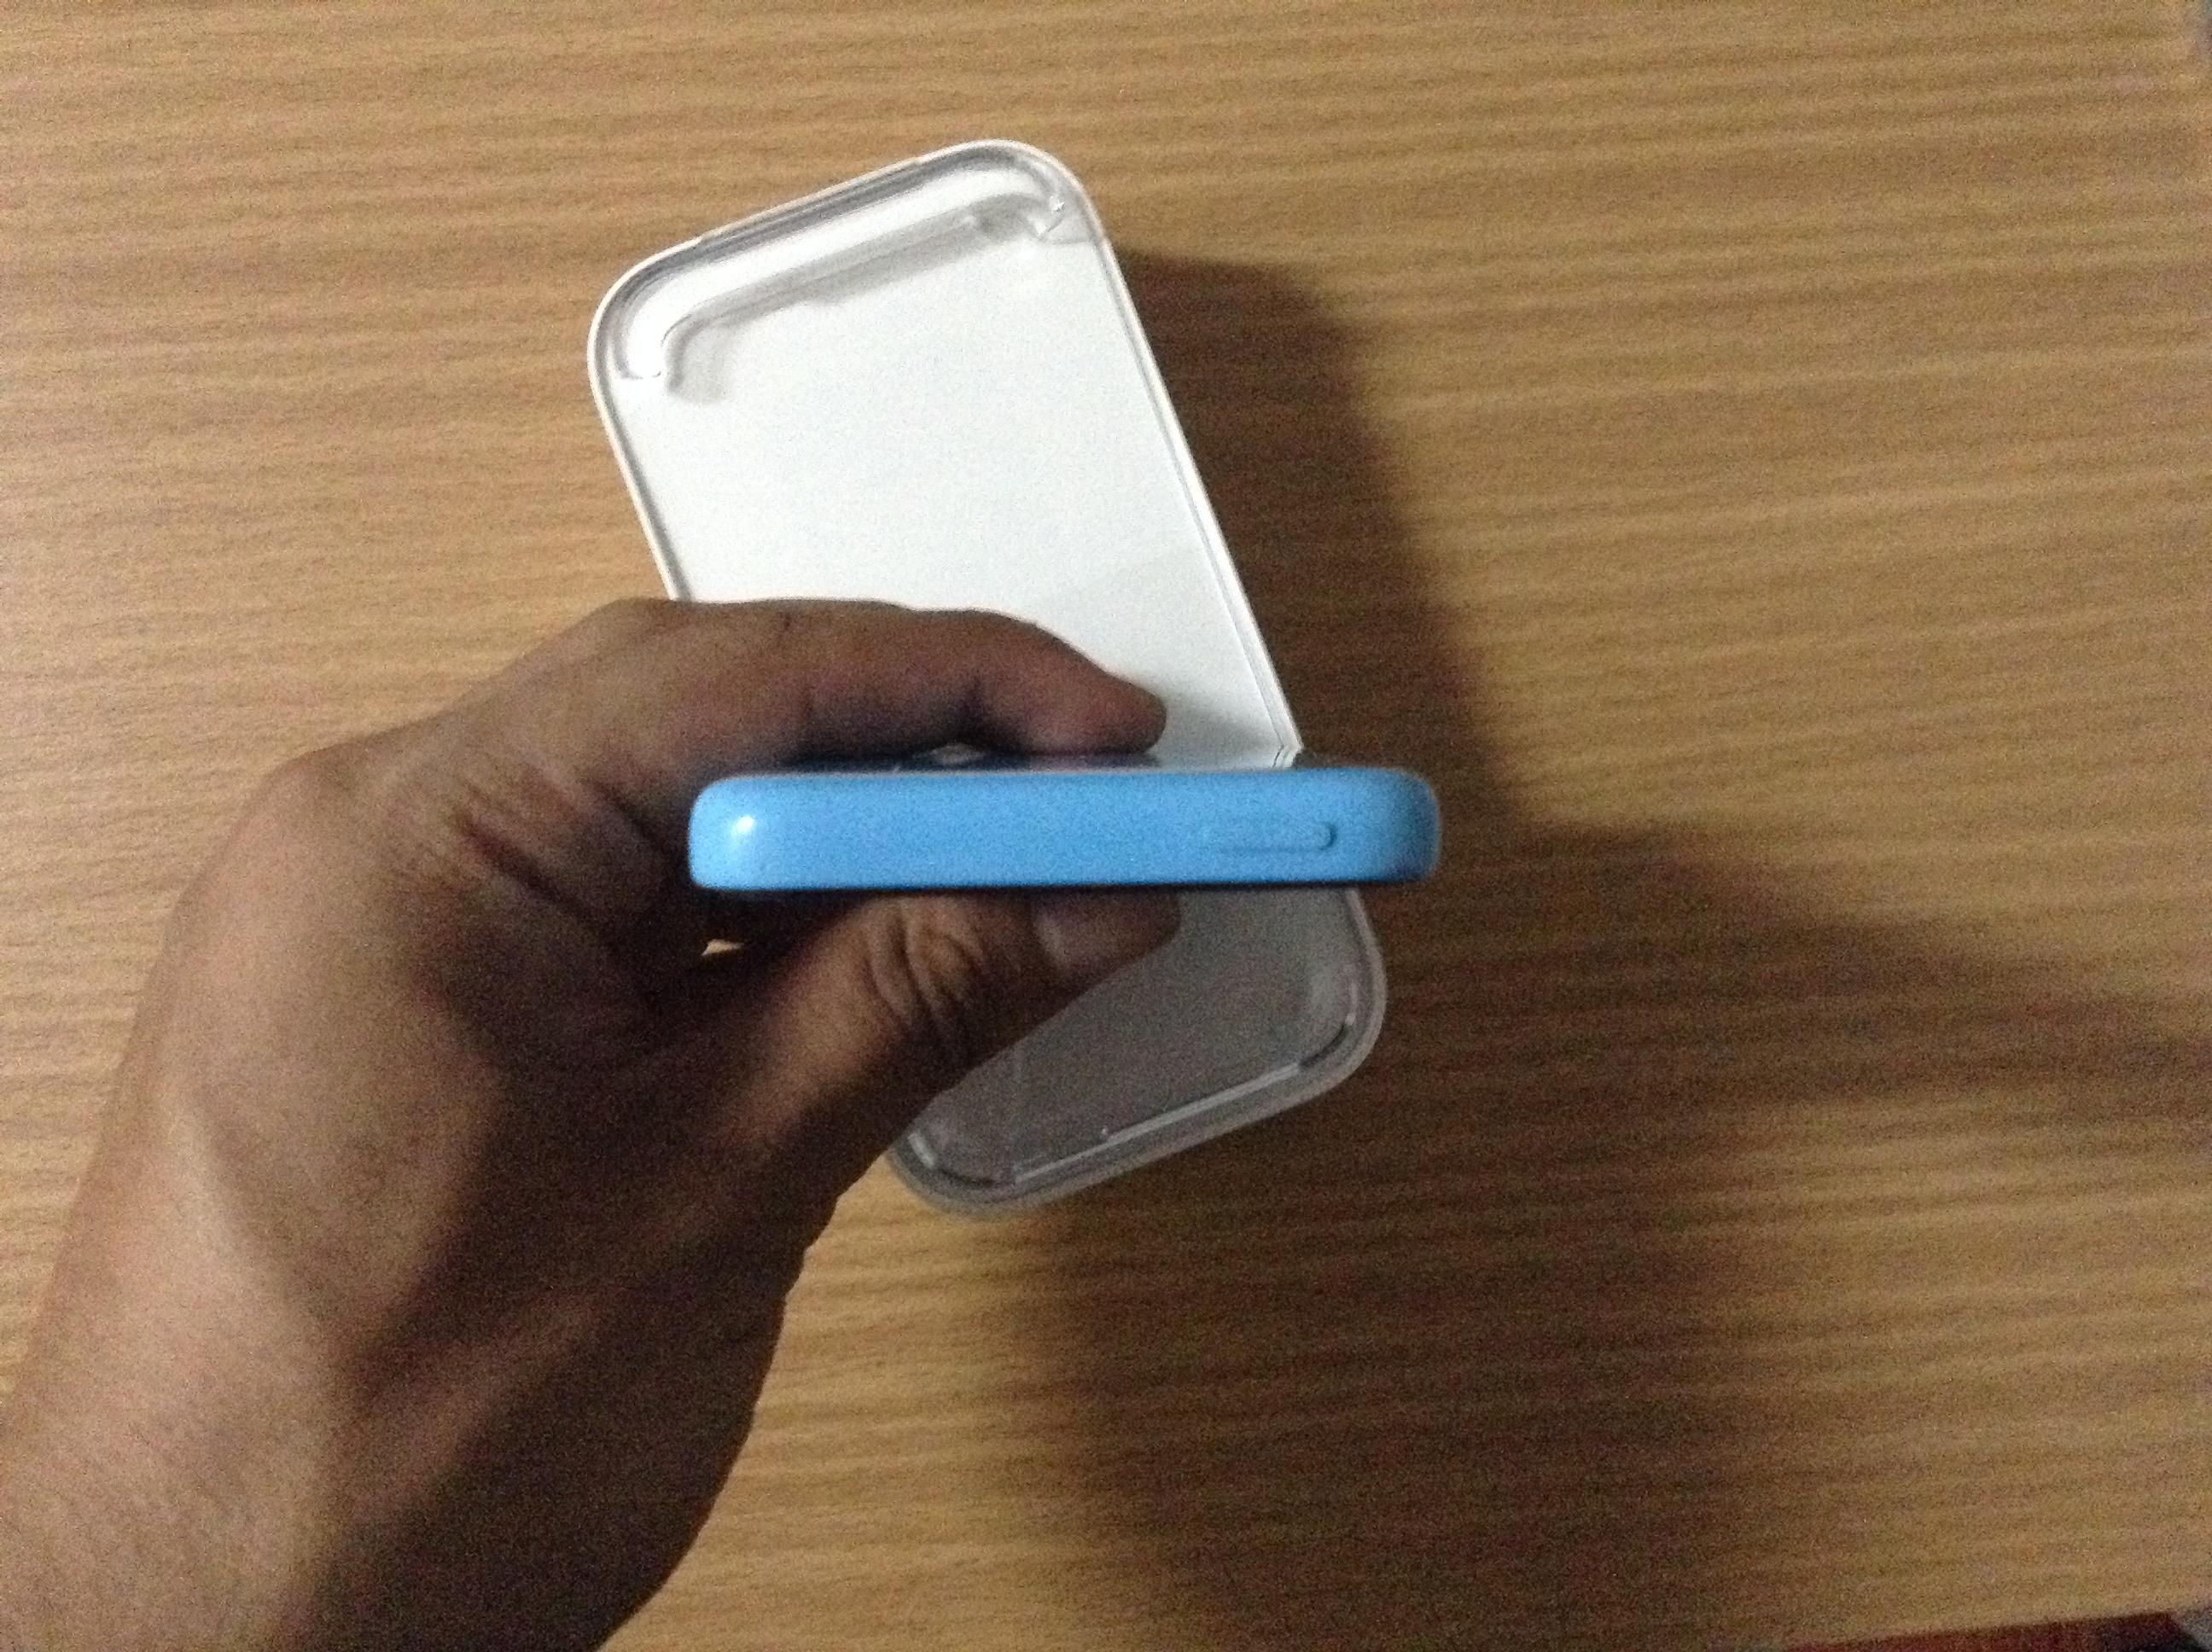 ขาย iPhone 5c สีฟ้า ราคาถูกๆ